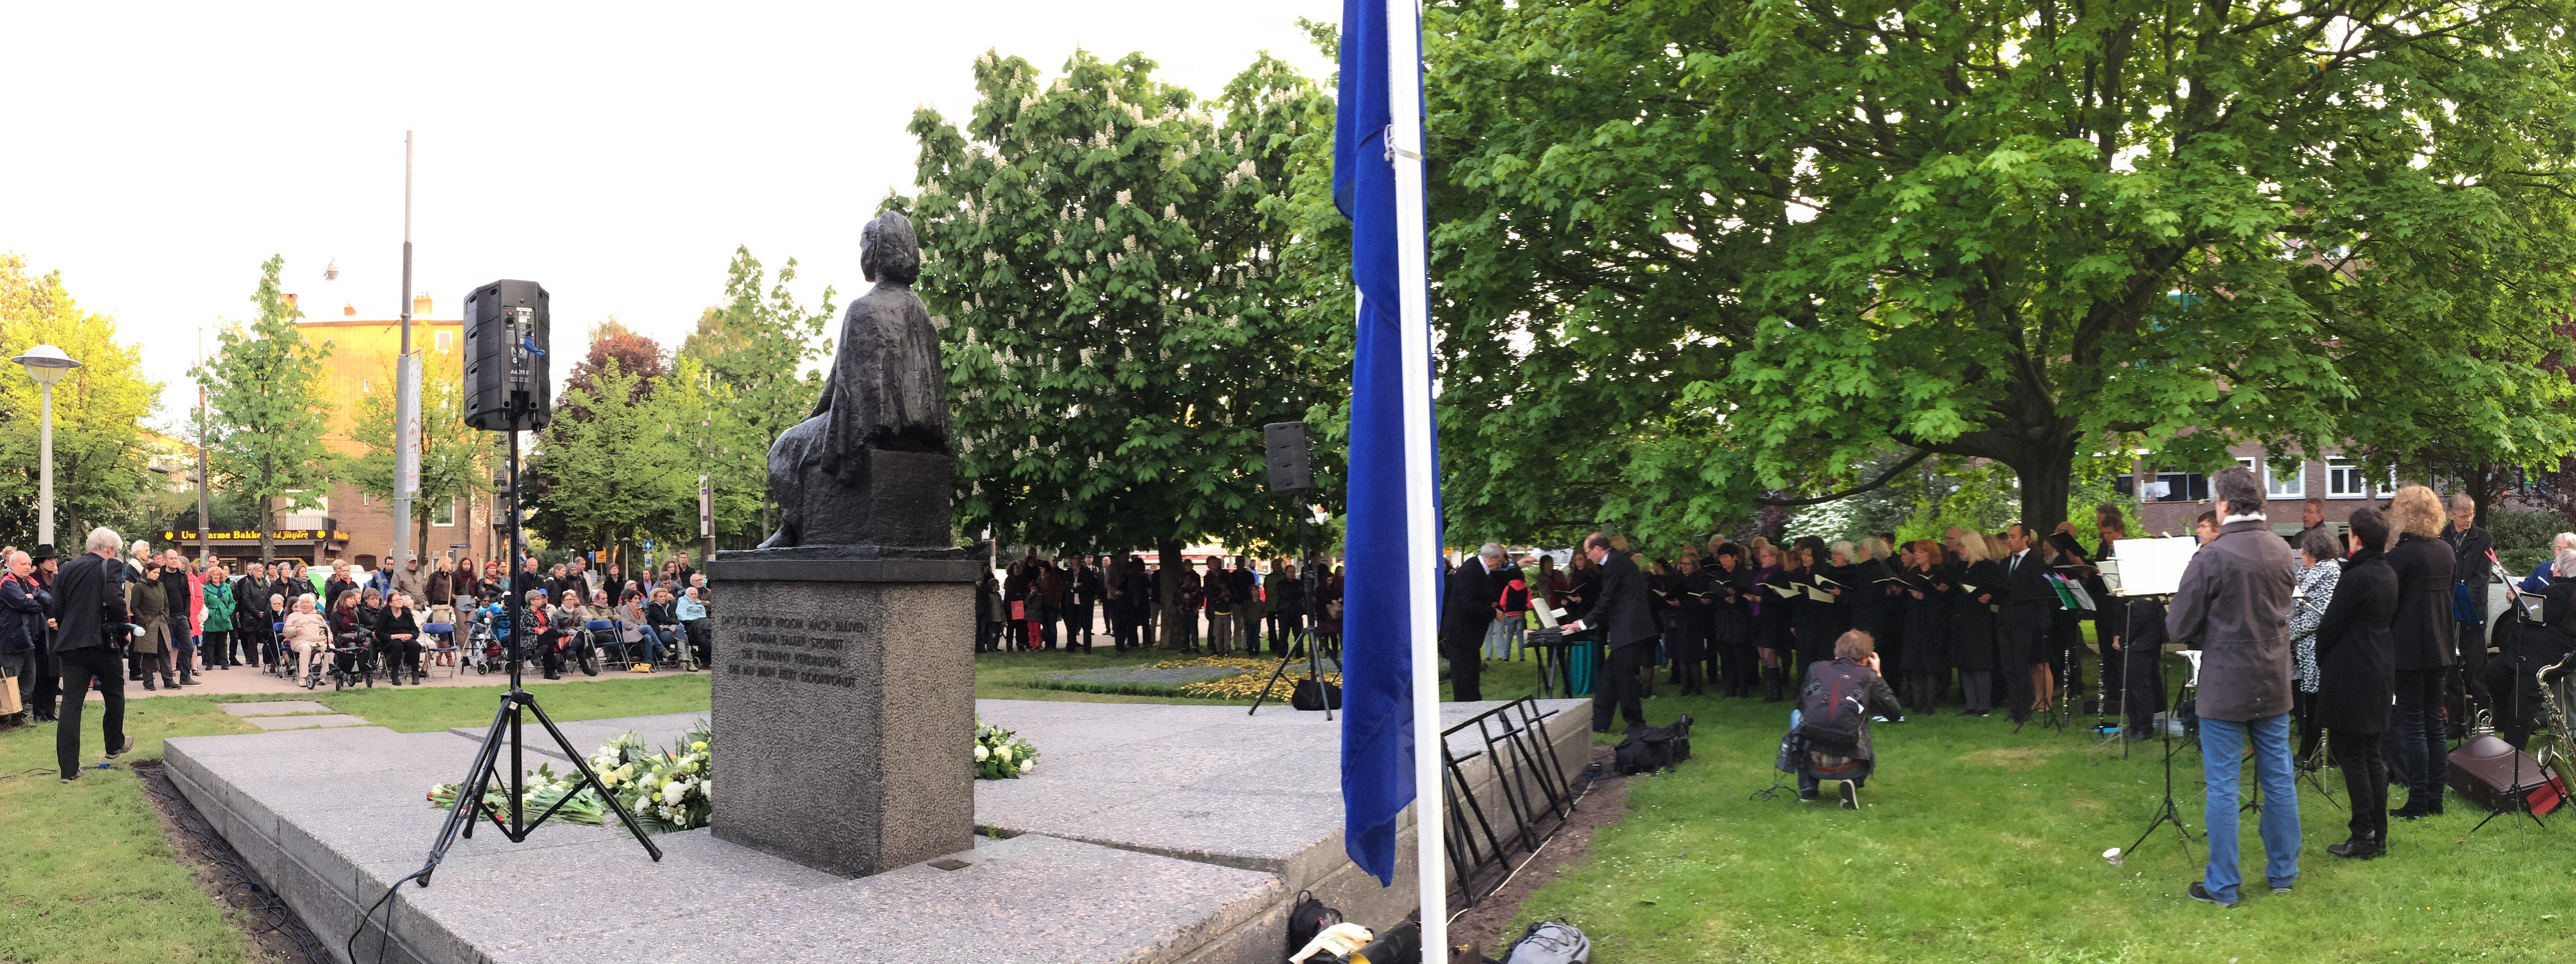 monument de zittende vrouw tijdens de dodenherdenking